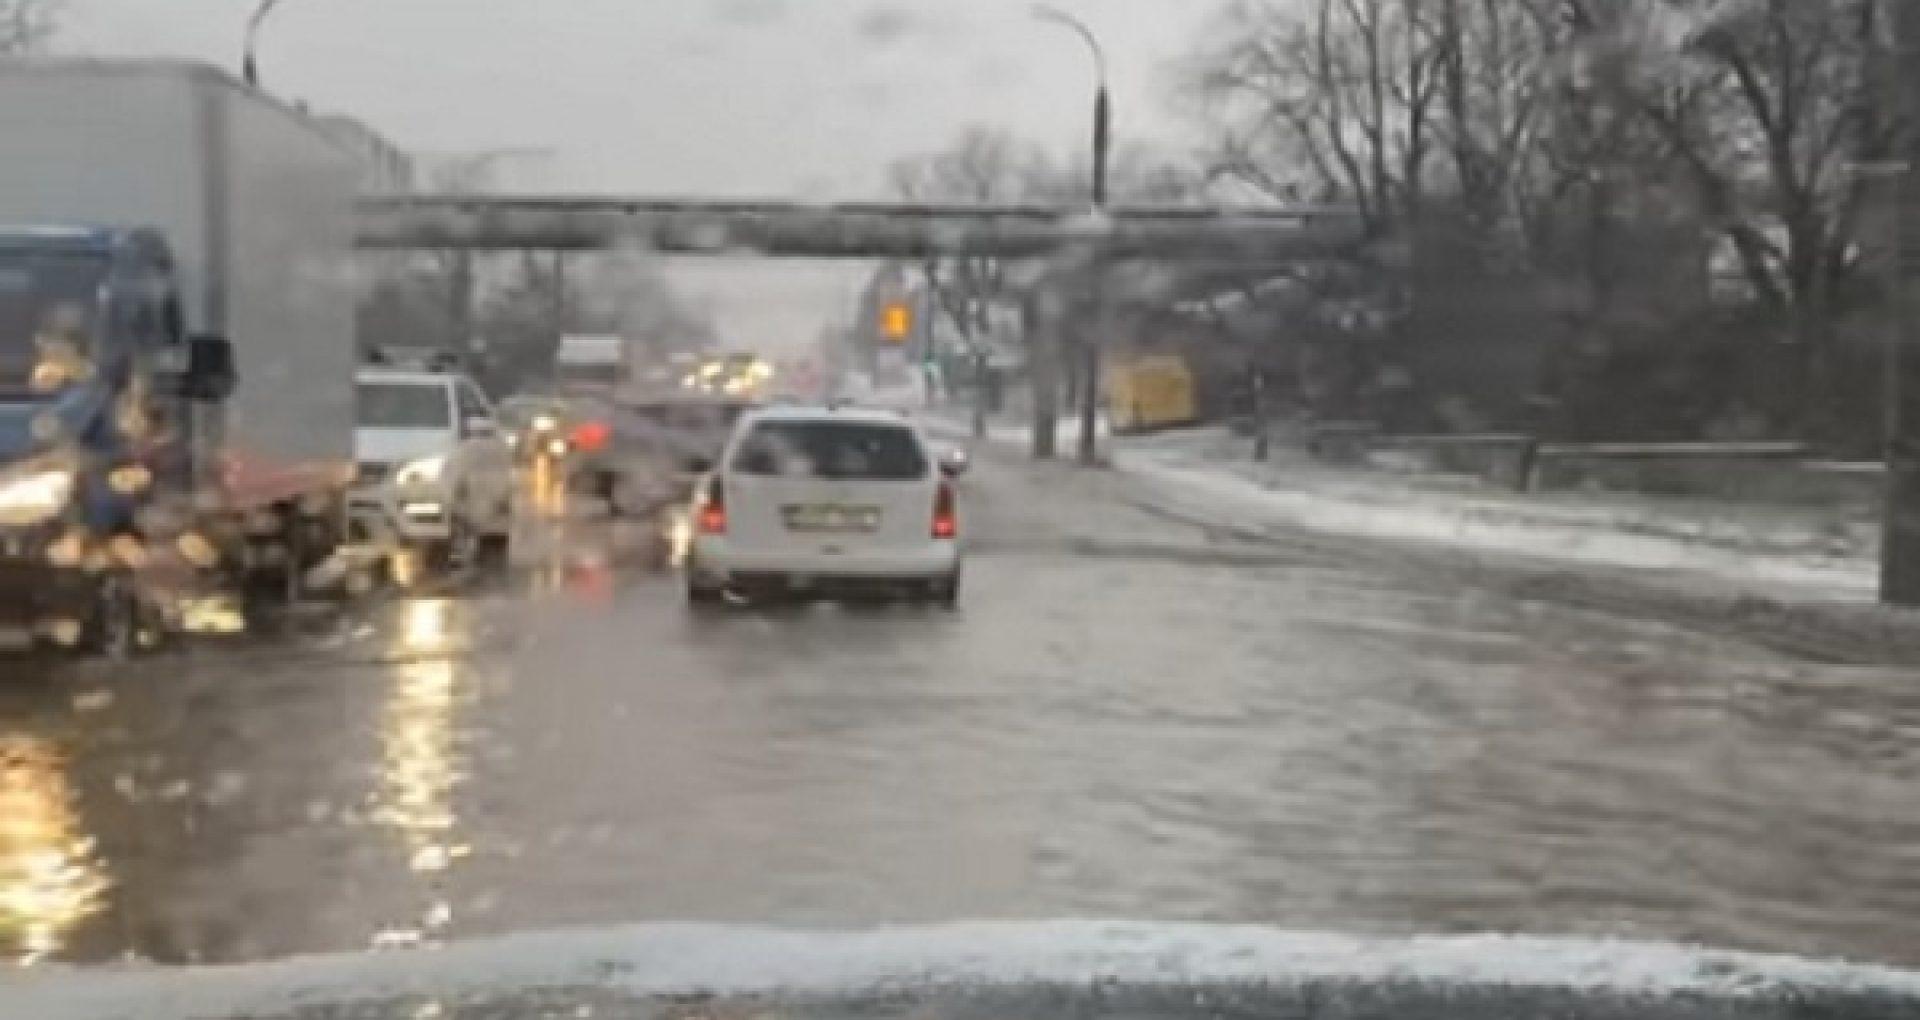 VIDEO/ O țeavă spartă a inundat o stradă din sectorul Botanica al Capitalei. Ce spun responsabilii de la Apă-Canal